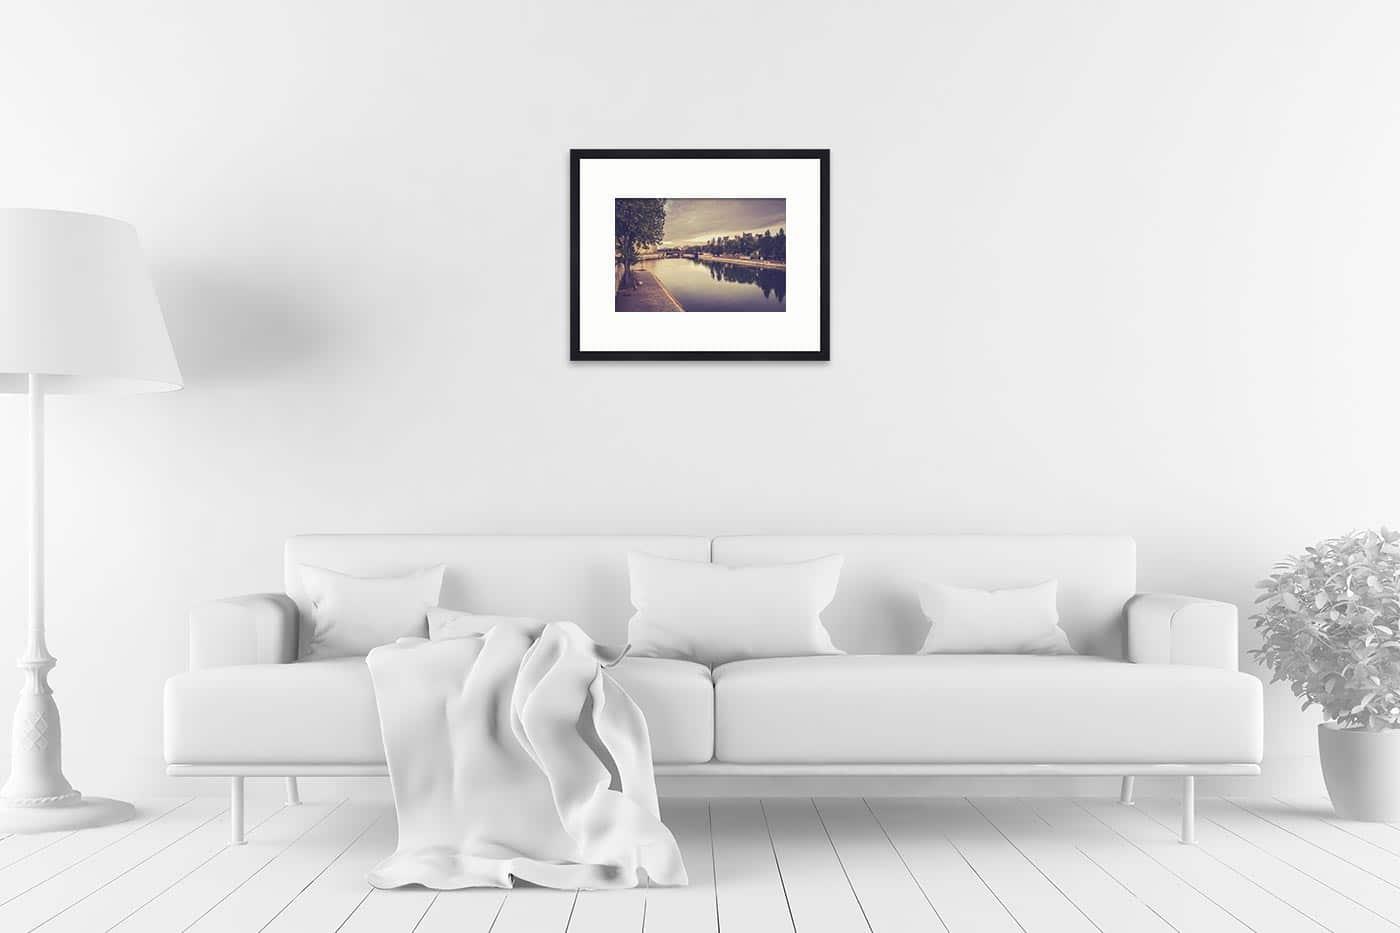 Cadre galerie 40x50 Paris 7H10